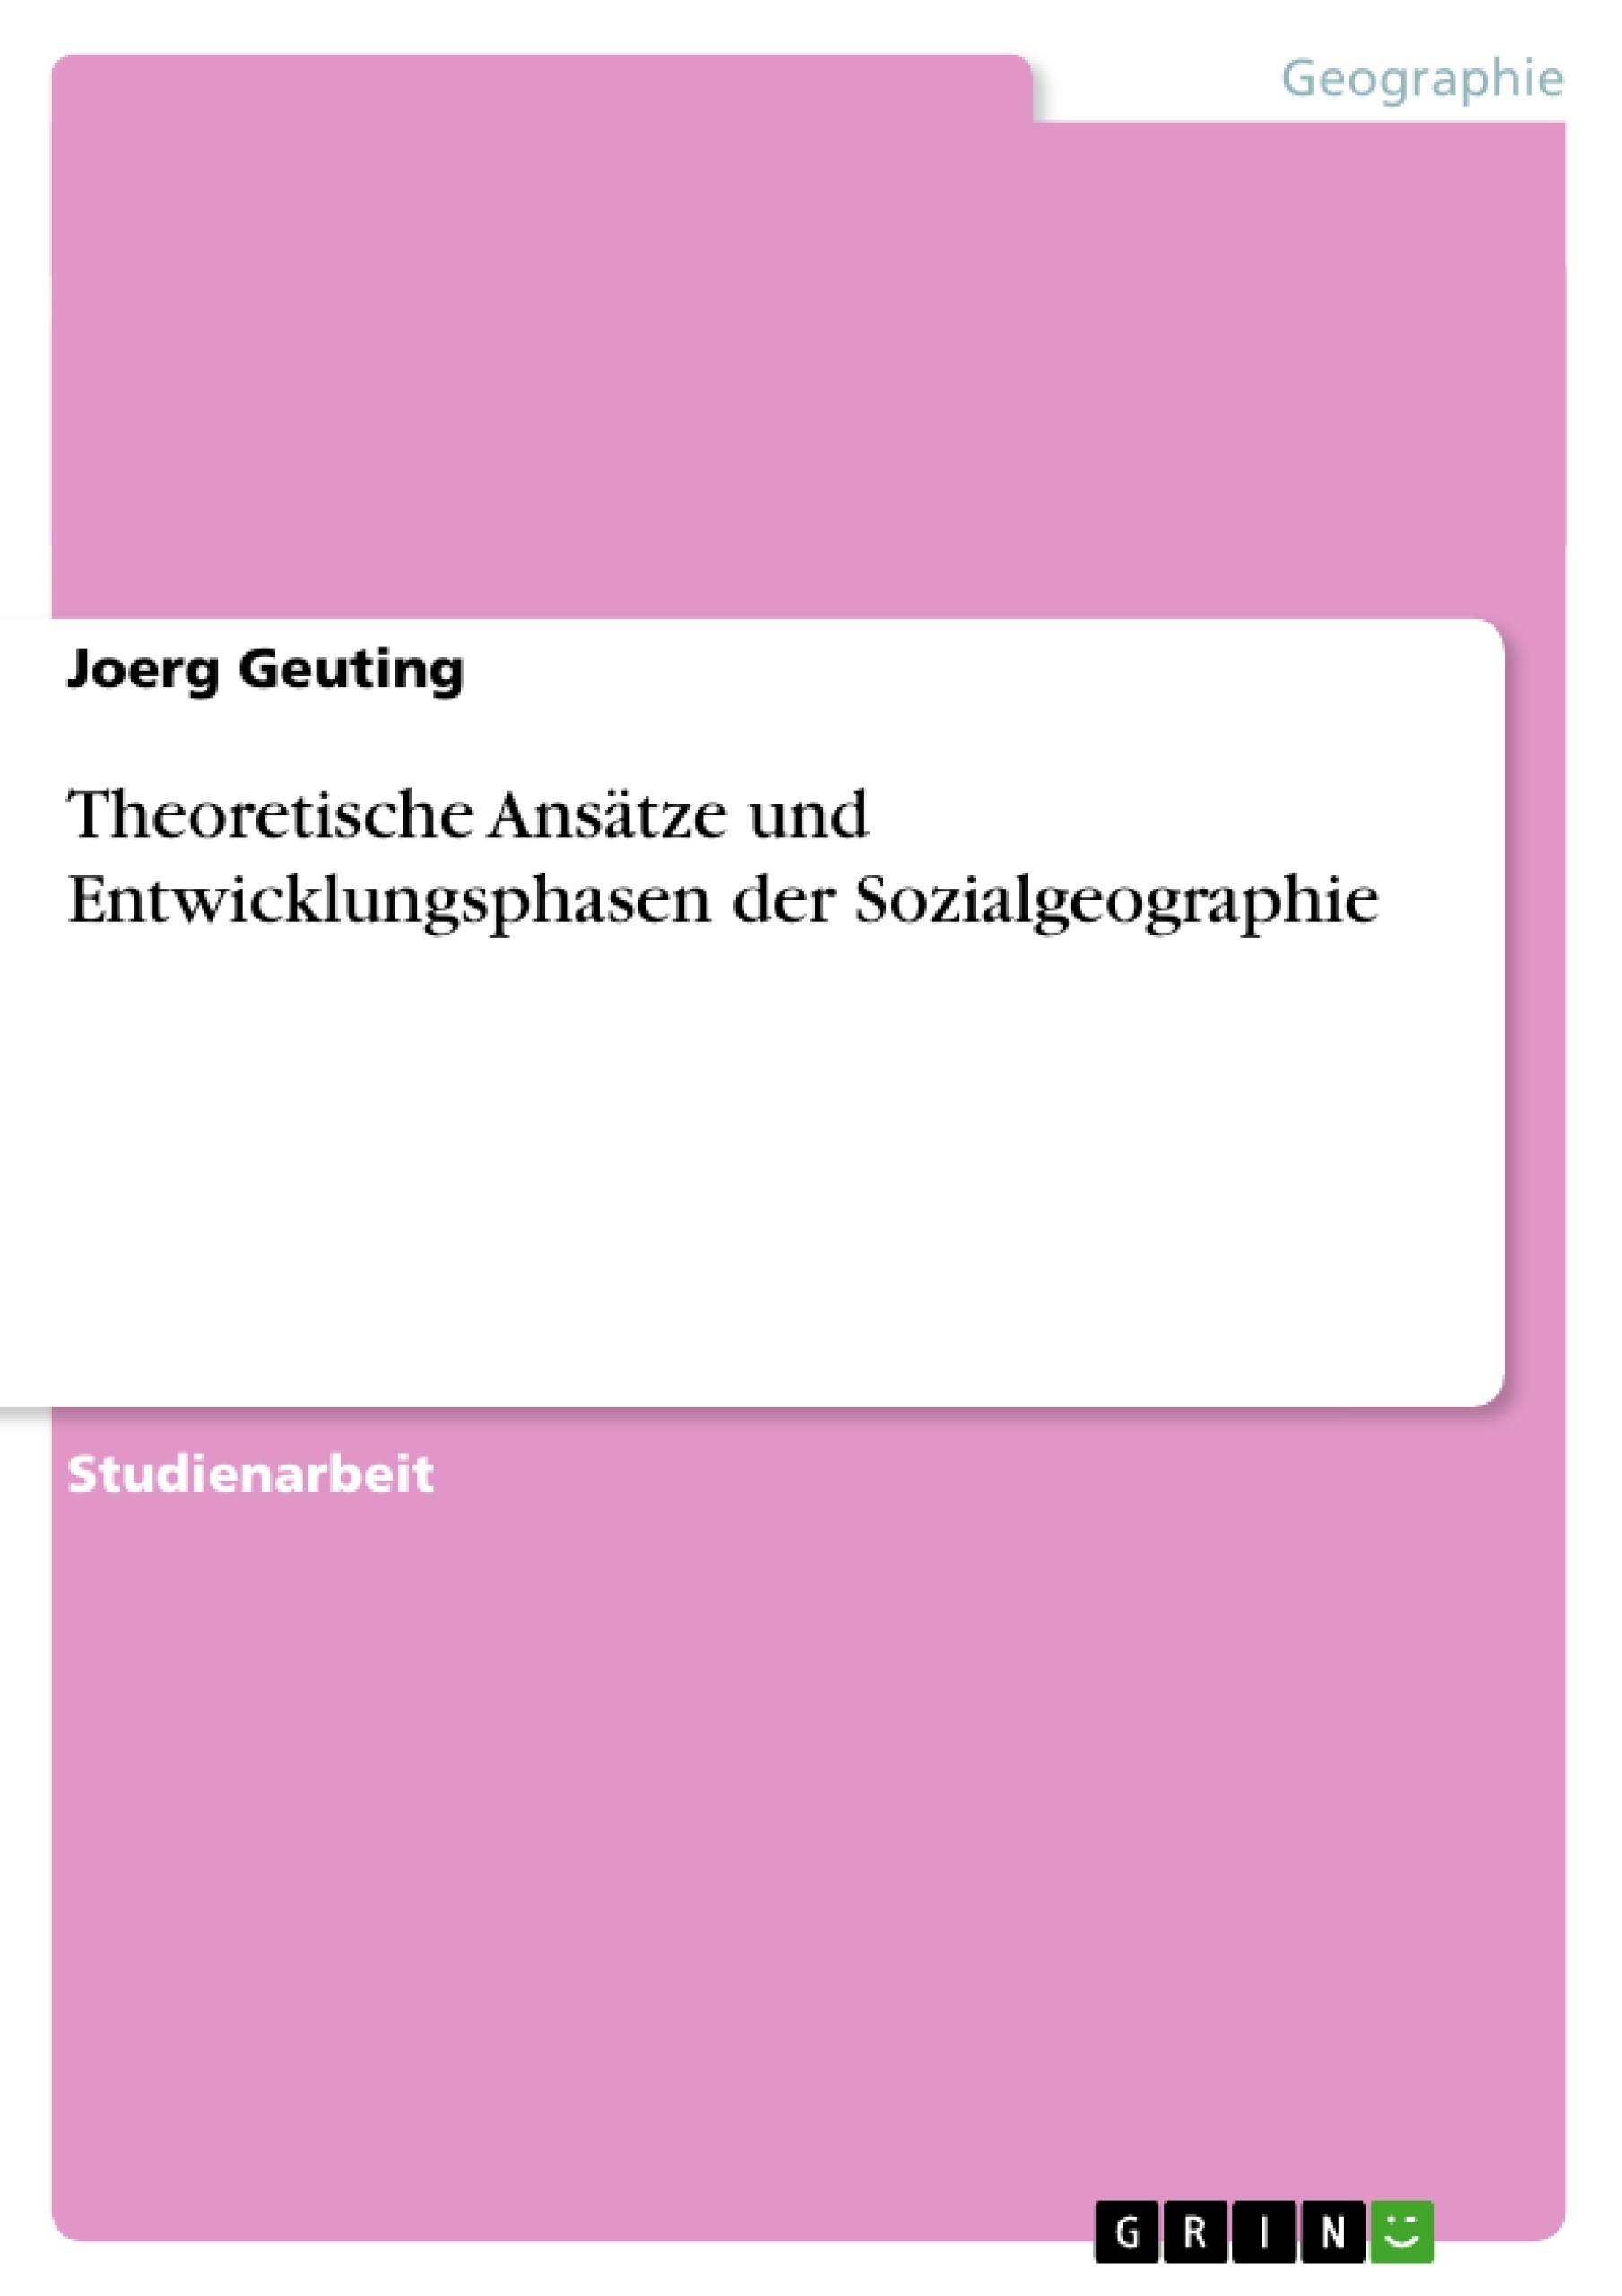 Titel: Theoretische Ansätze und Entwicklungsphasen der Sozialgeographie